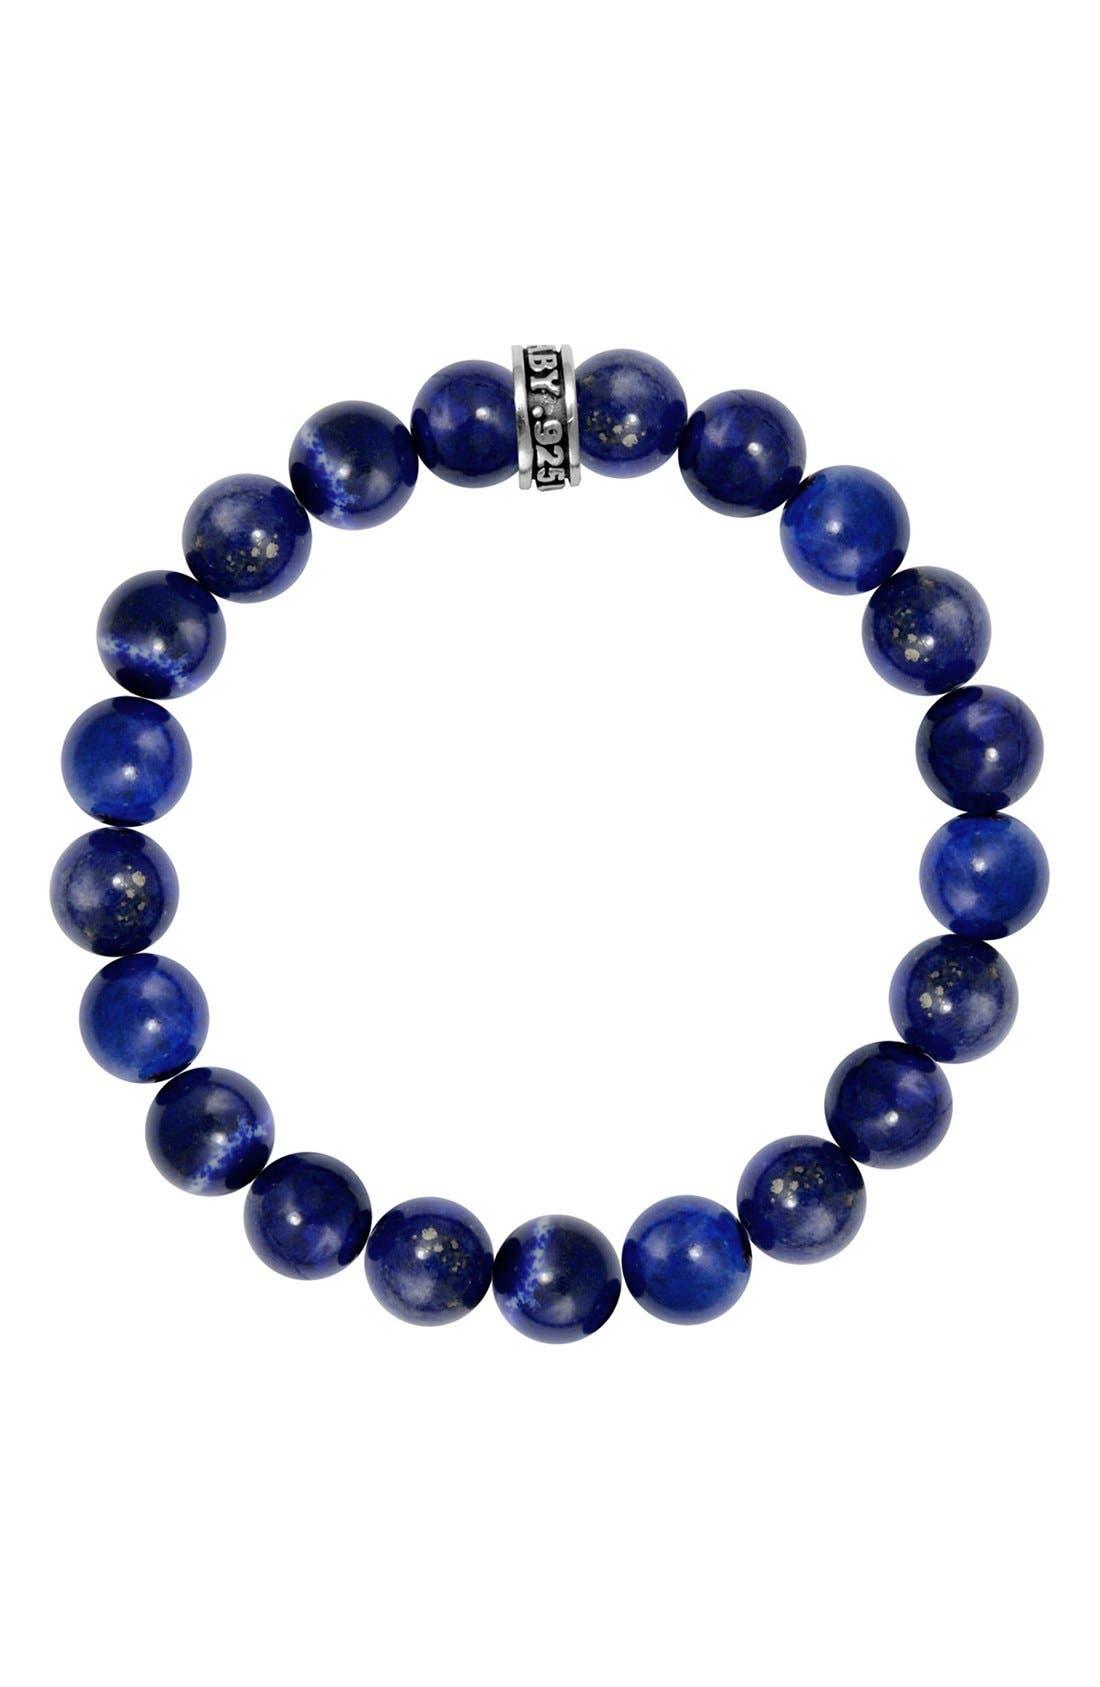 Lapis Lazuli Bead Bracelet,                         Main,                         color, Silver/ Blue